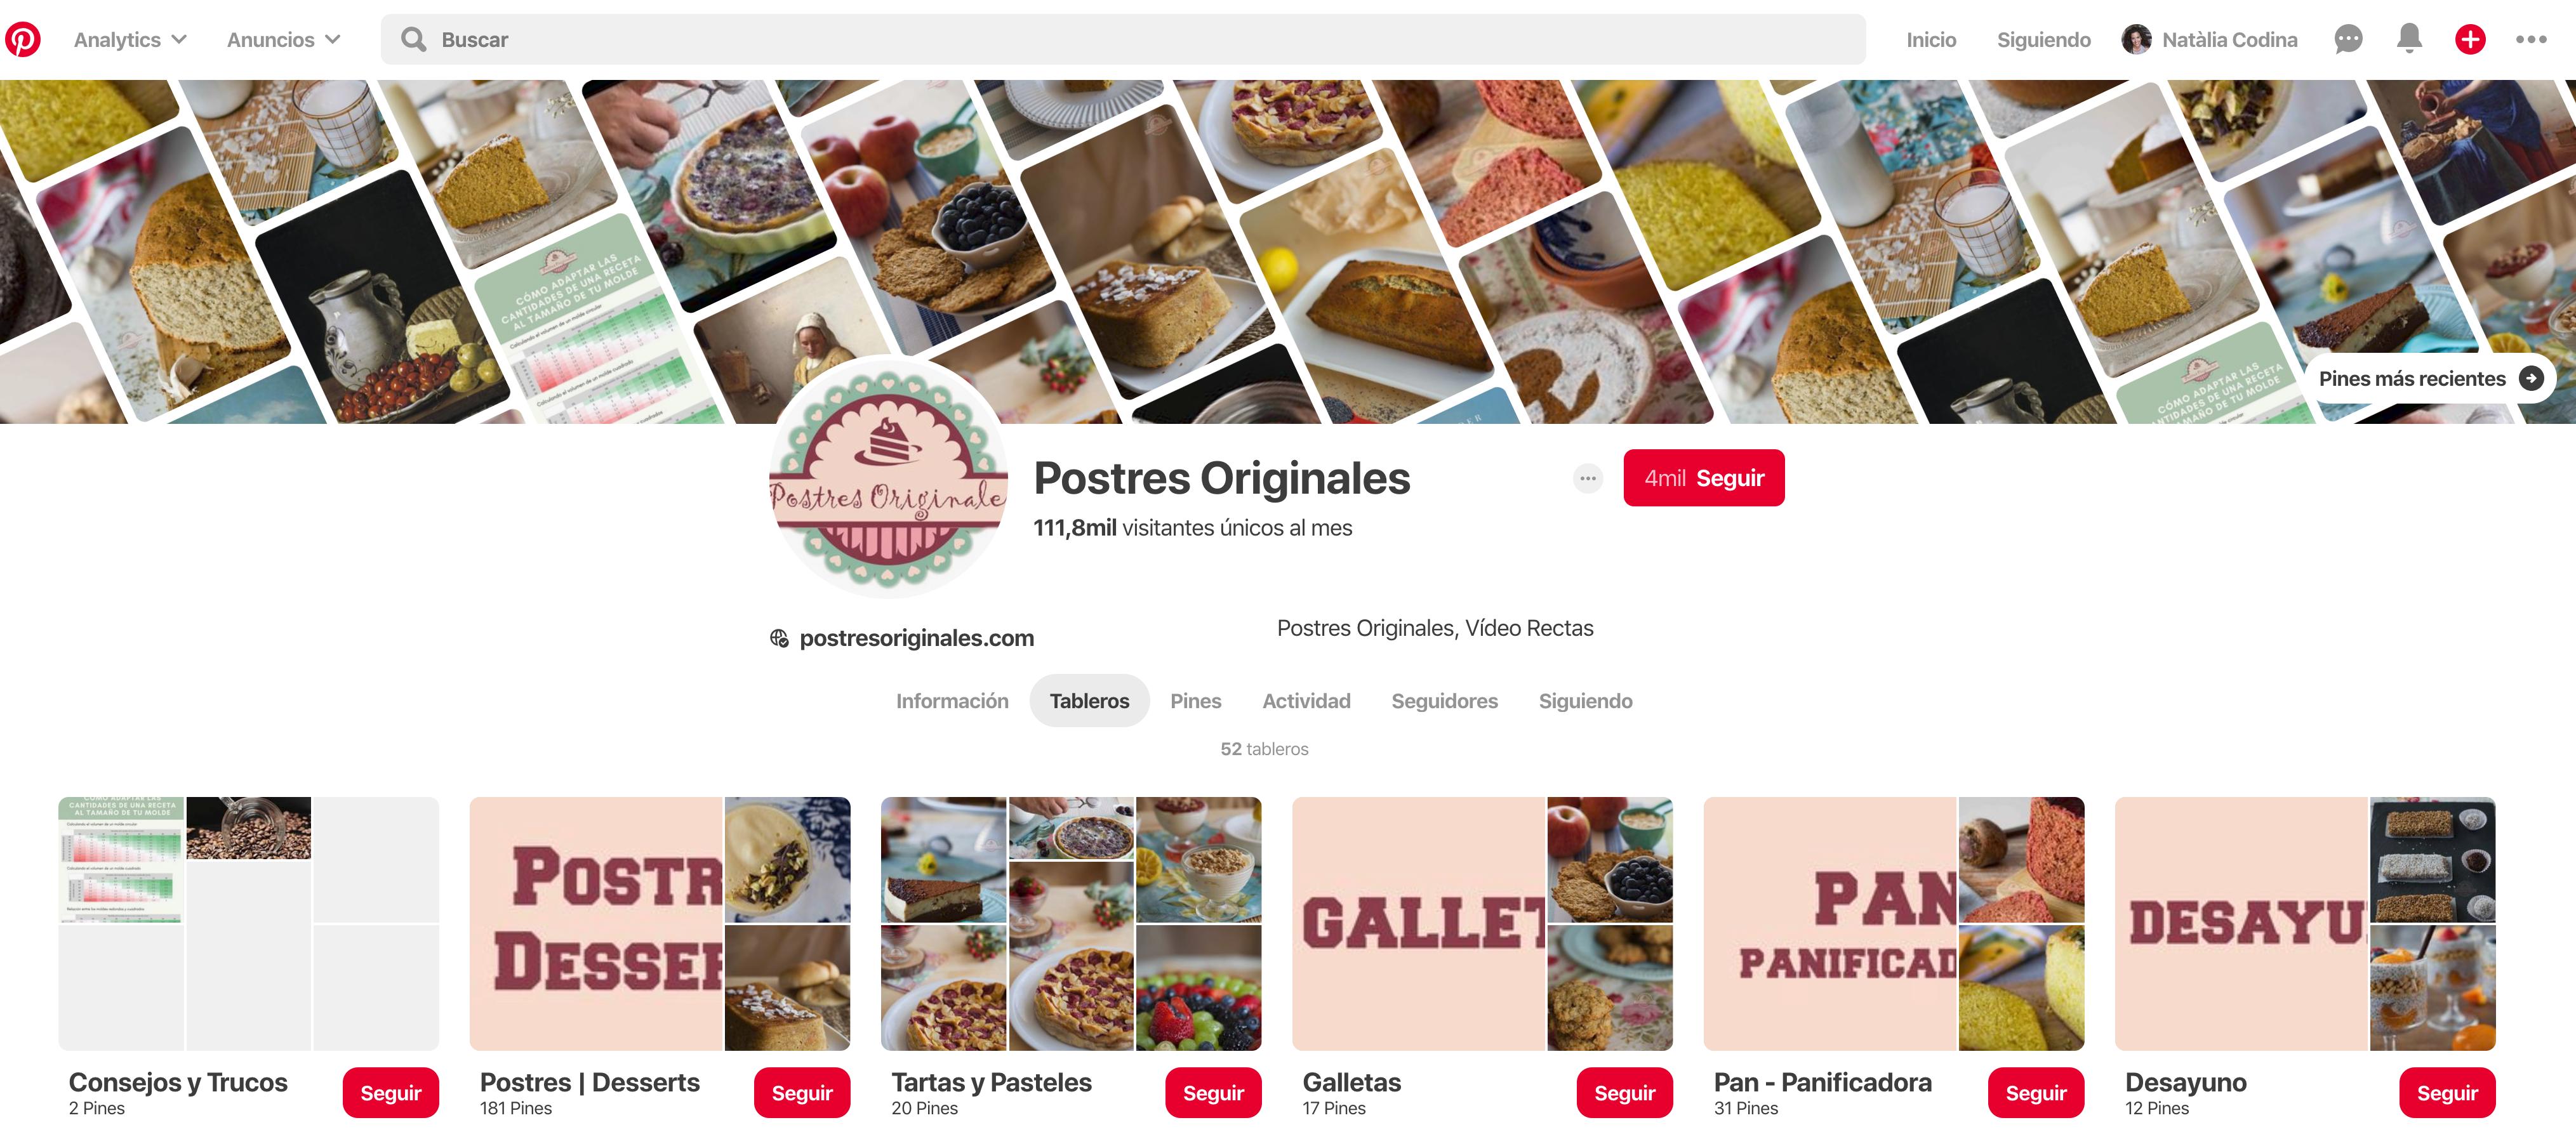 Qué es Pinterest - Plantillas modelo